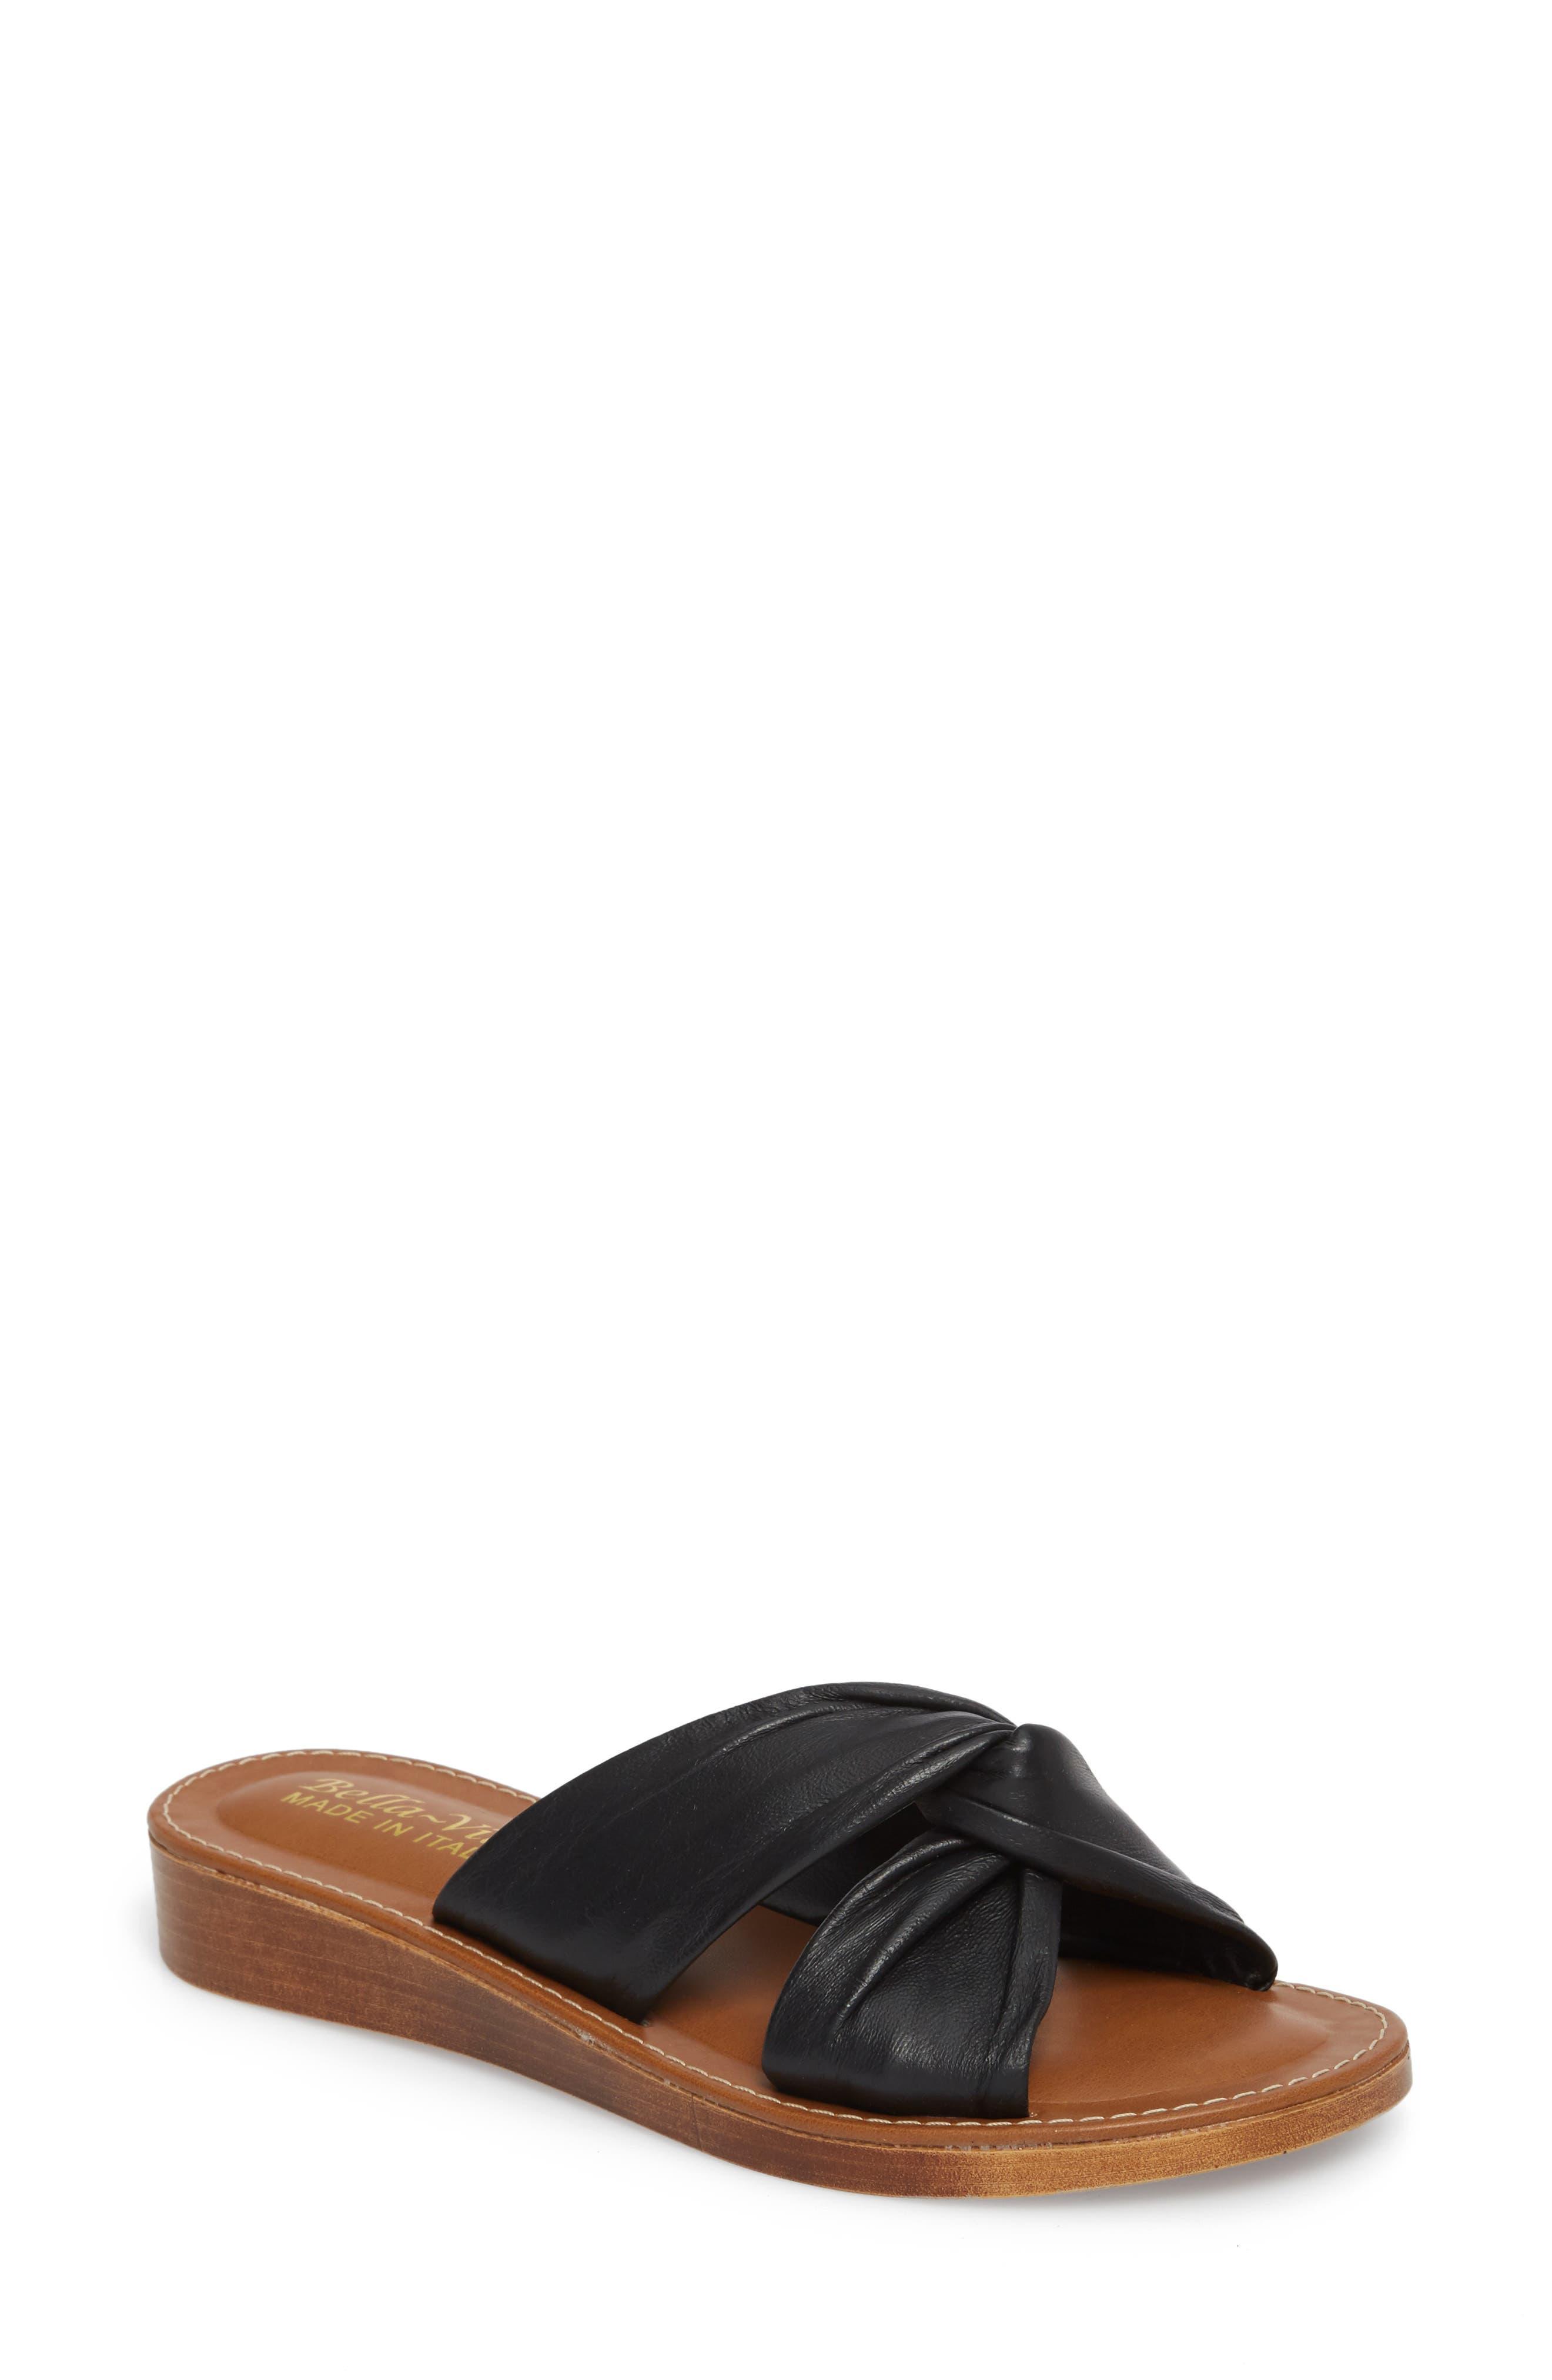 Noa Slide Sandal,                             Main thumbnail 1, color,                             001